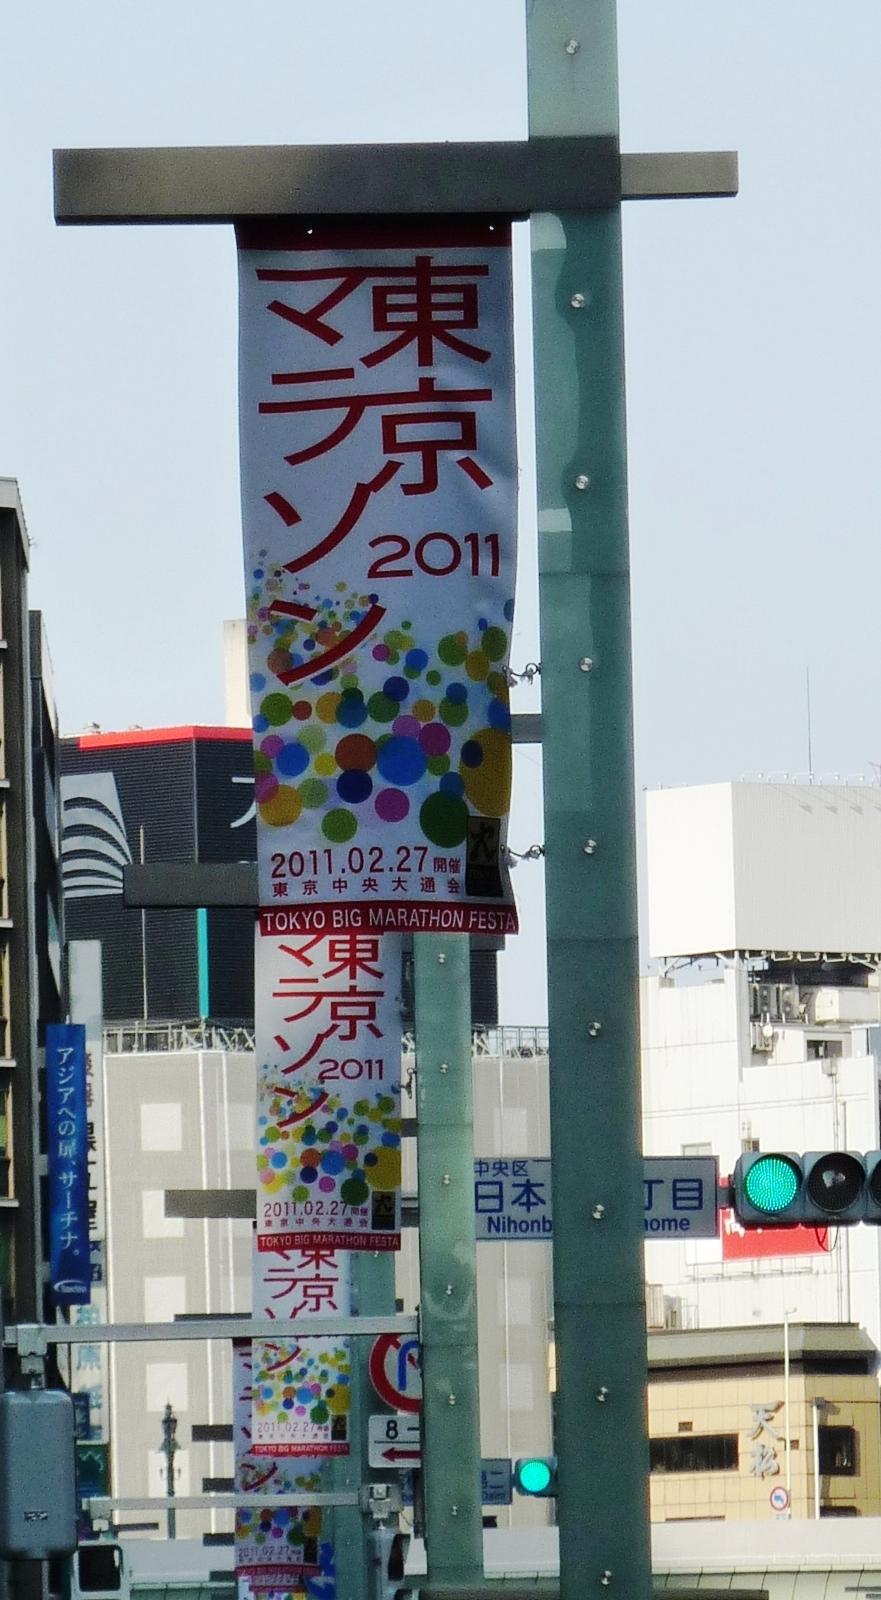 http://www.karimoku.co.jp/blog/domani-nihonbashi/P1020215.JPG